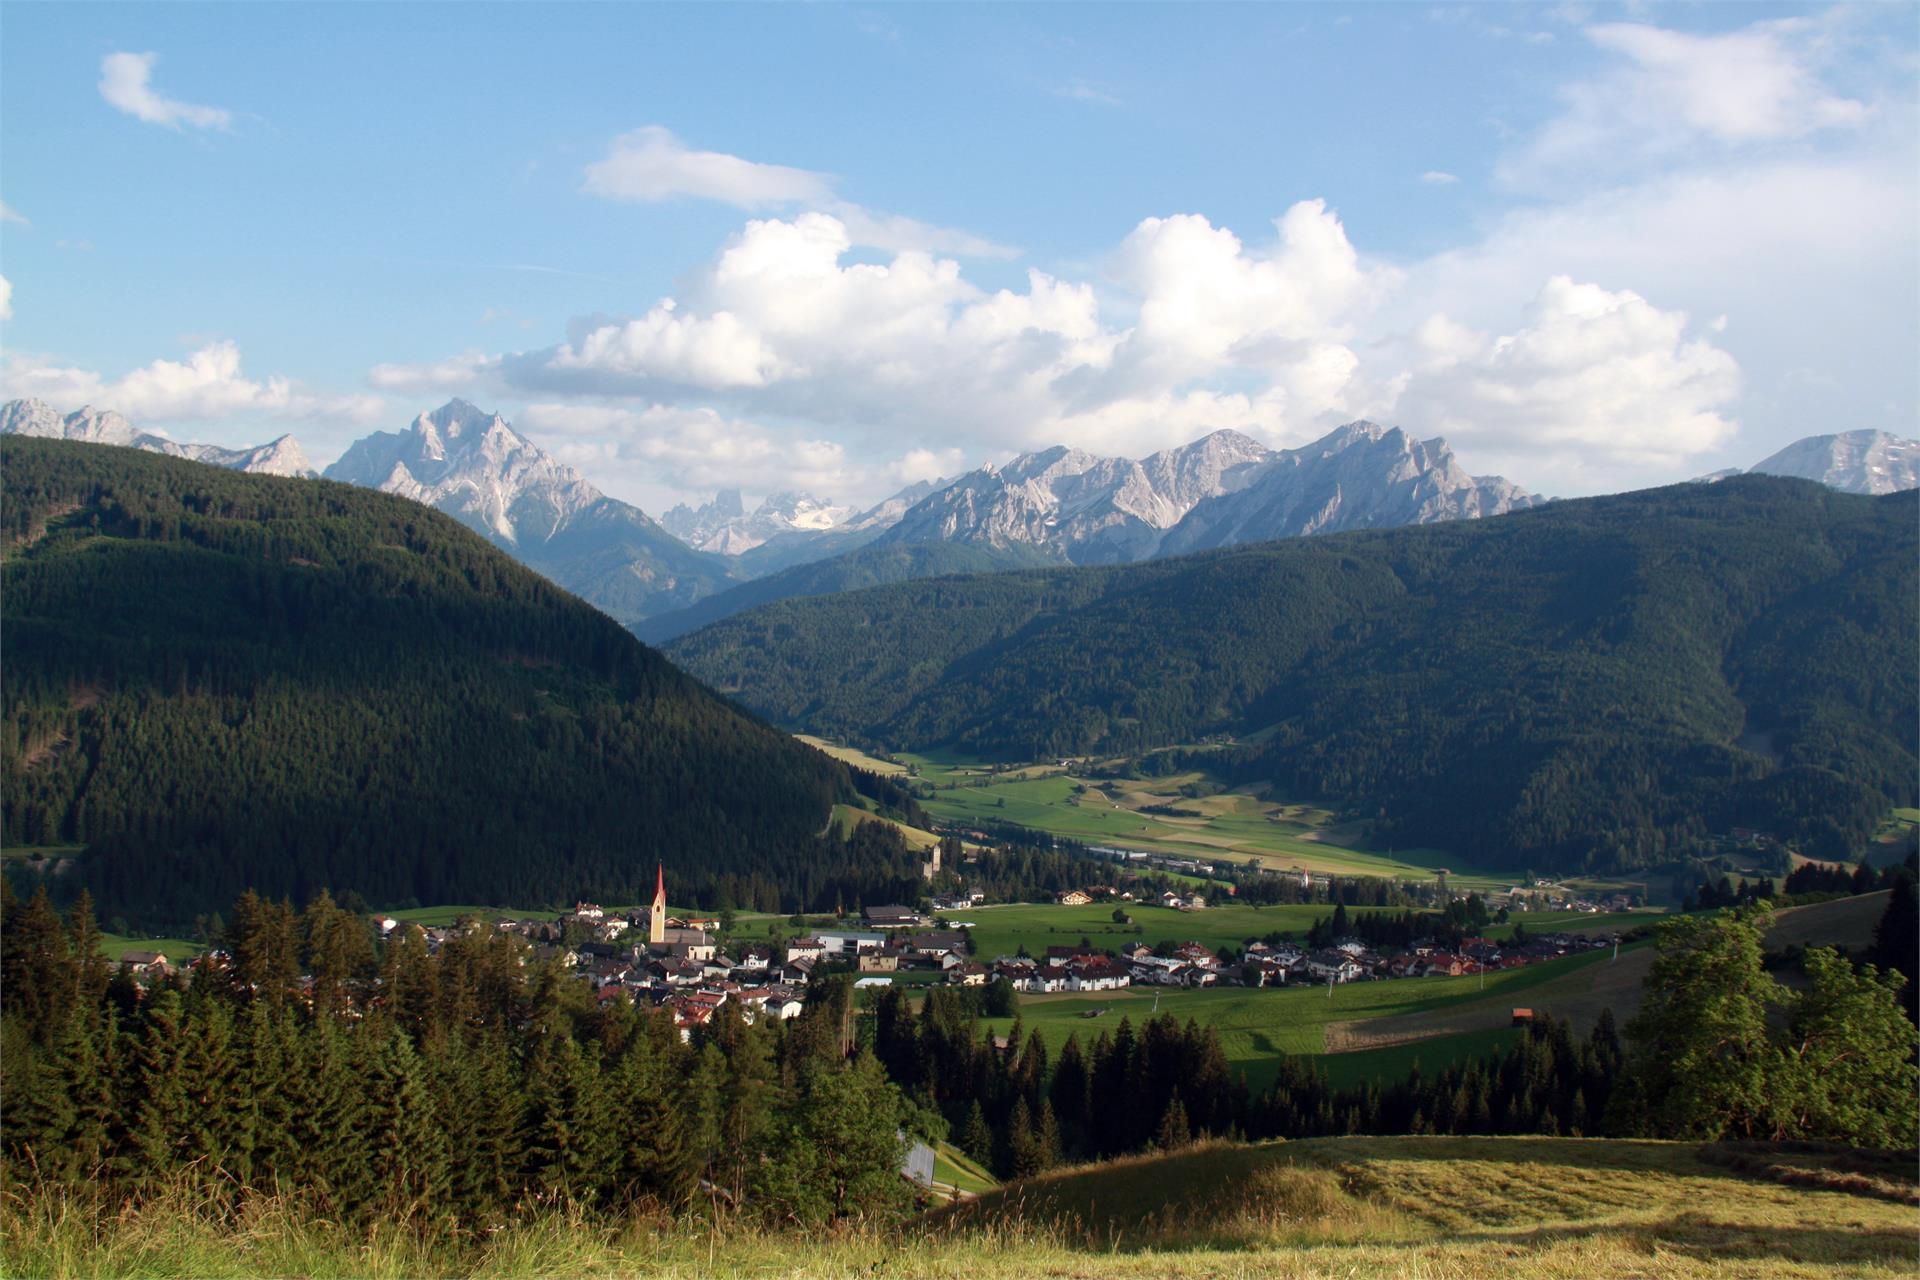 Wanderung zum Berggasthof Mudlerhof in Taisten